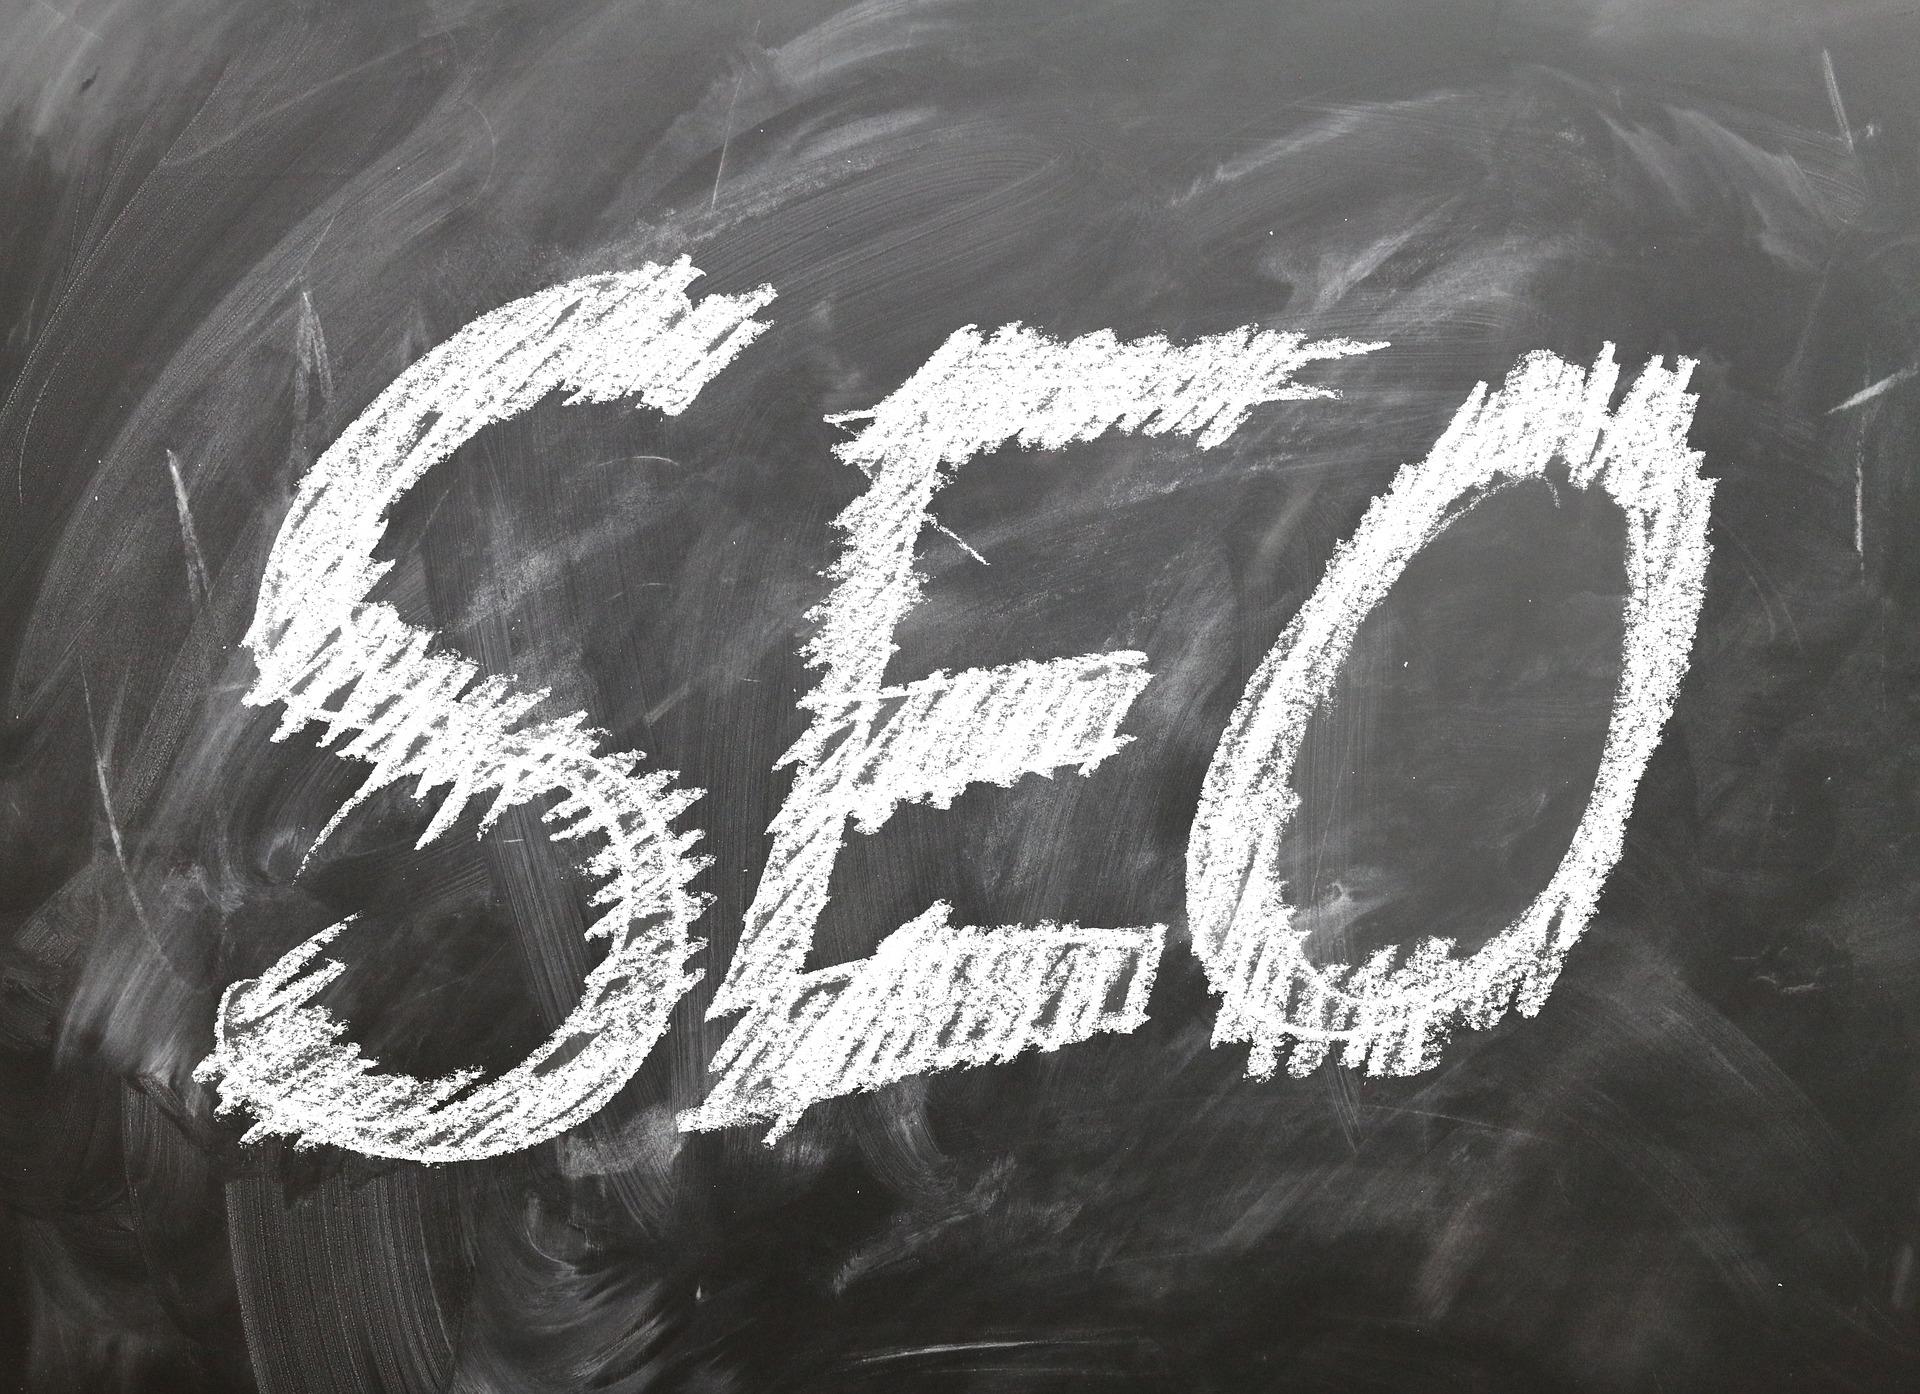 Suchmaschinenoptimierung (SEO) von spezialisierten Anbietern